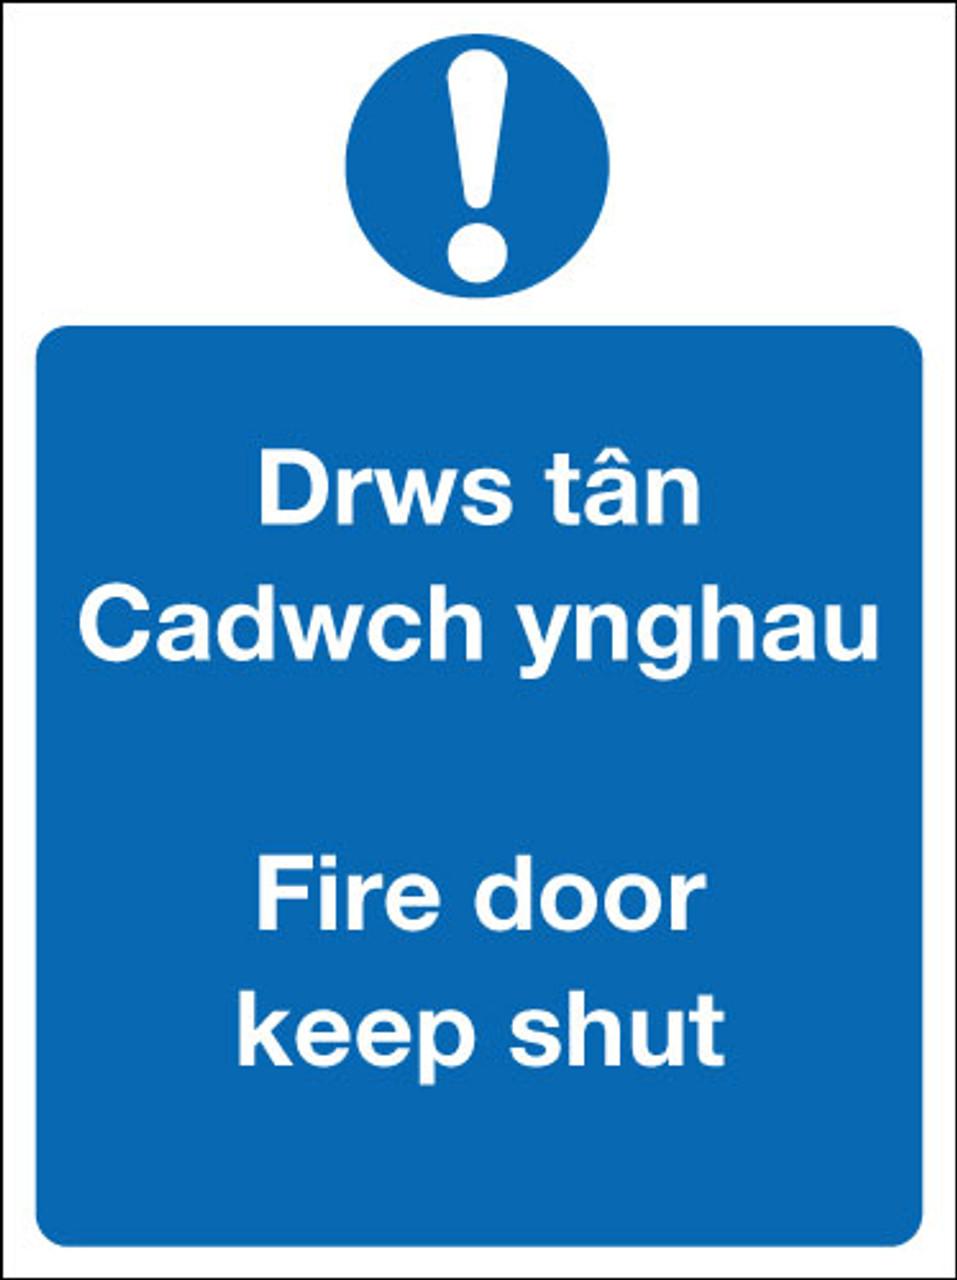 Welsh Fire door keep shut sign